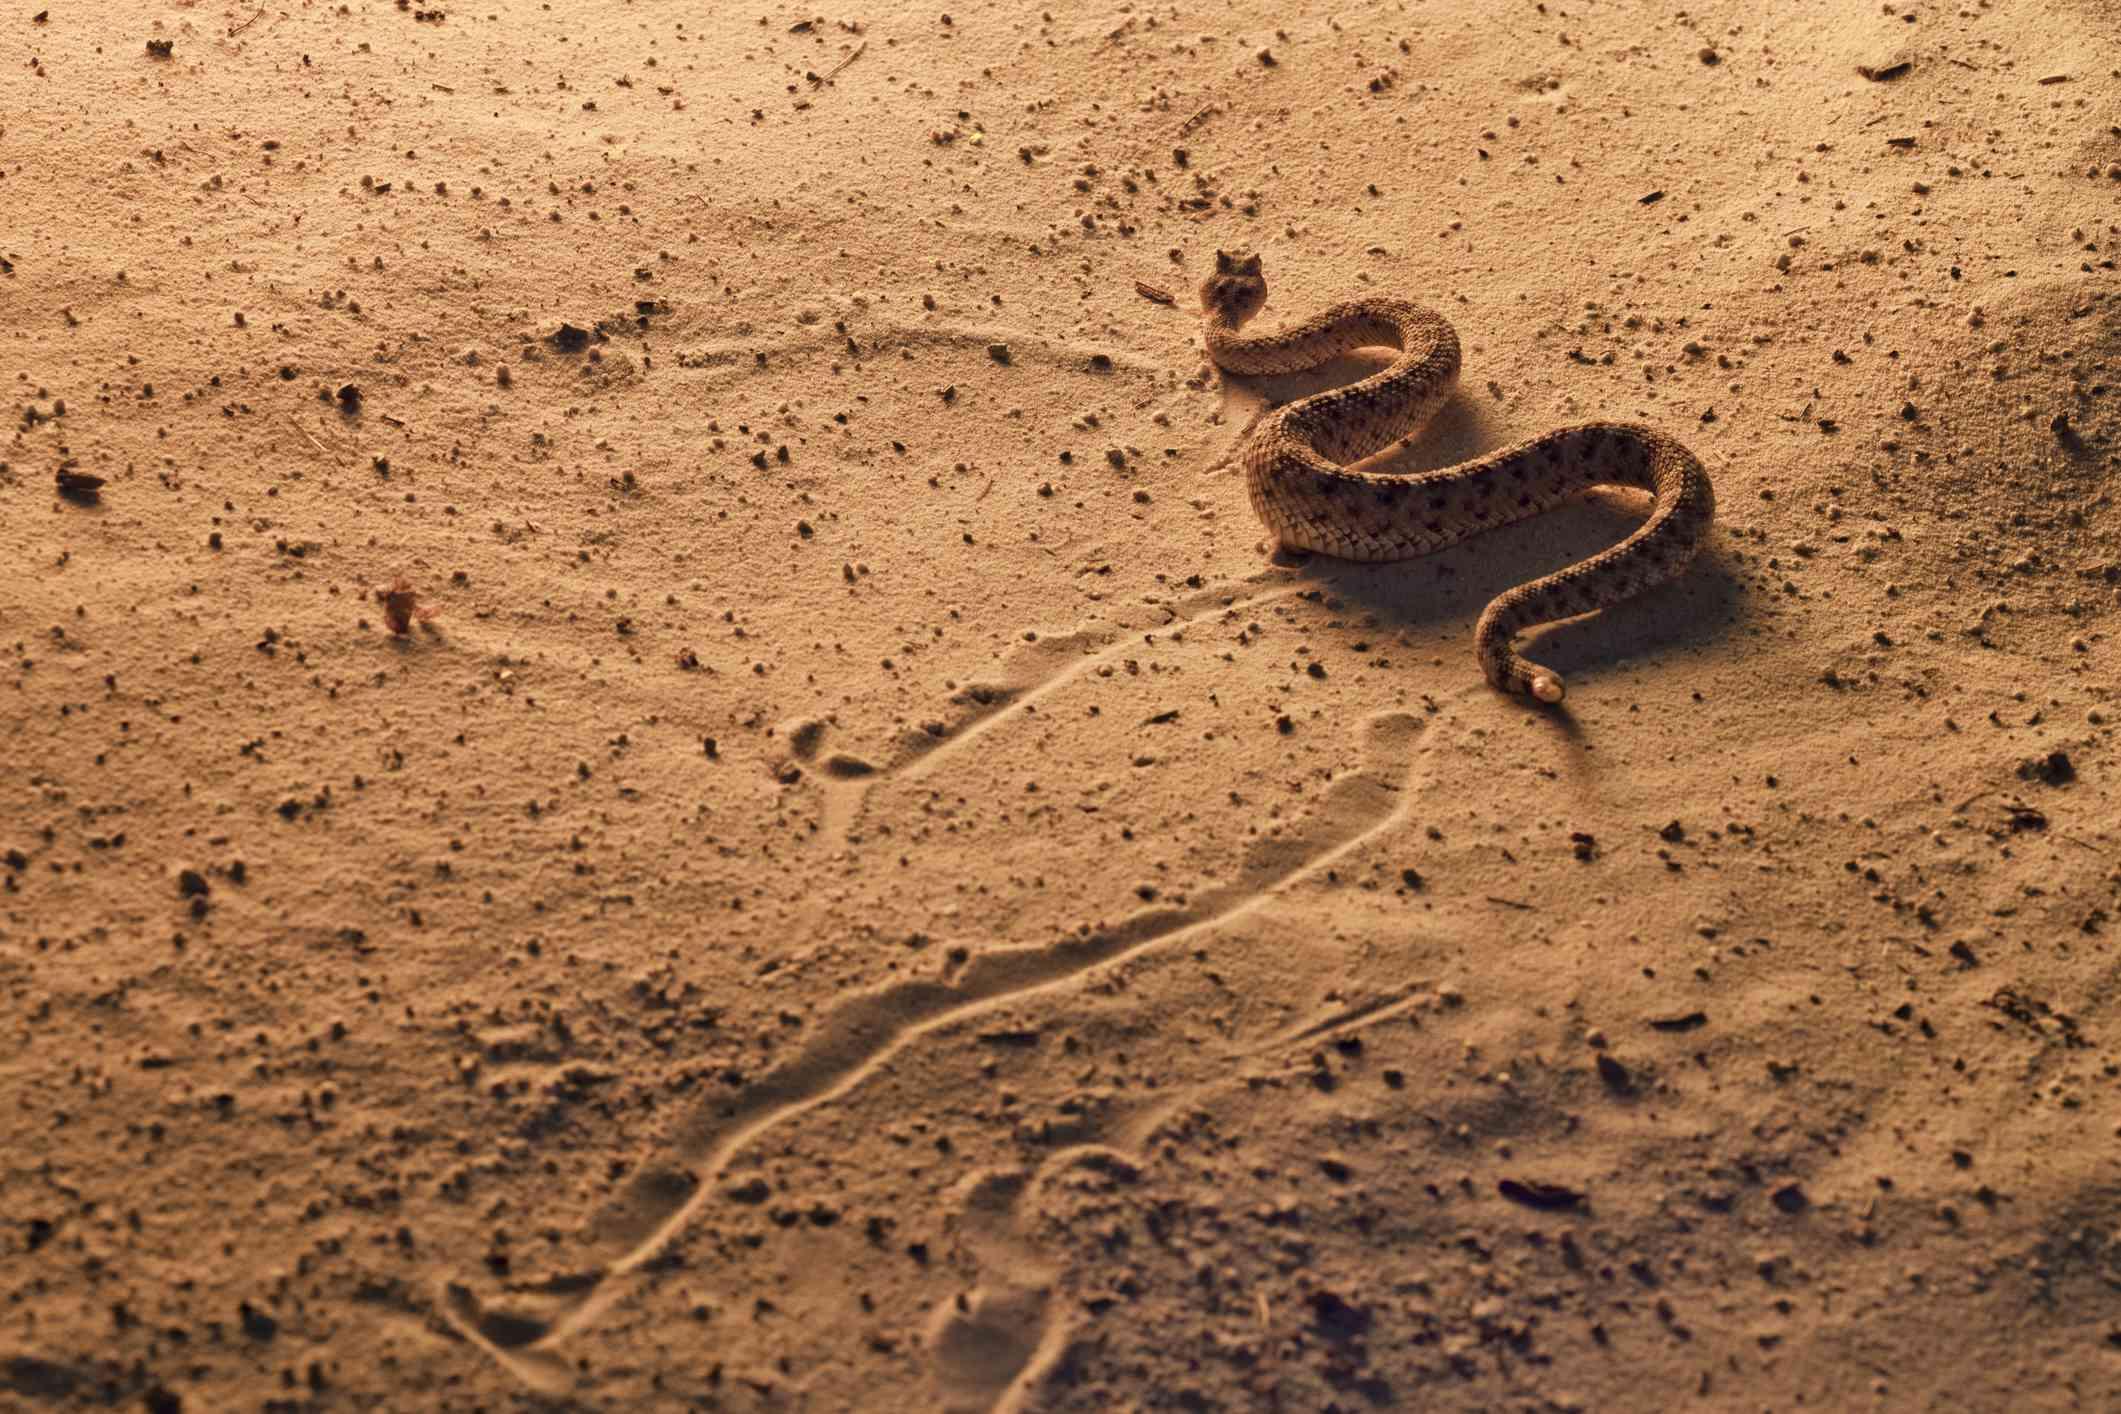 Sidewinder Rattlesnake in Southern Arizona